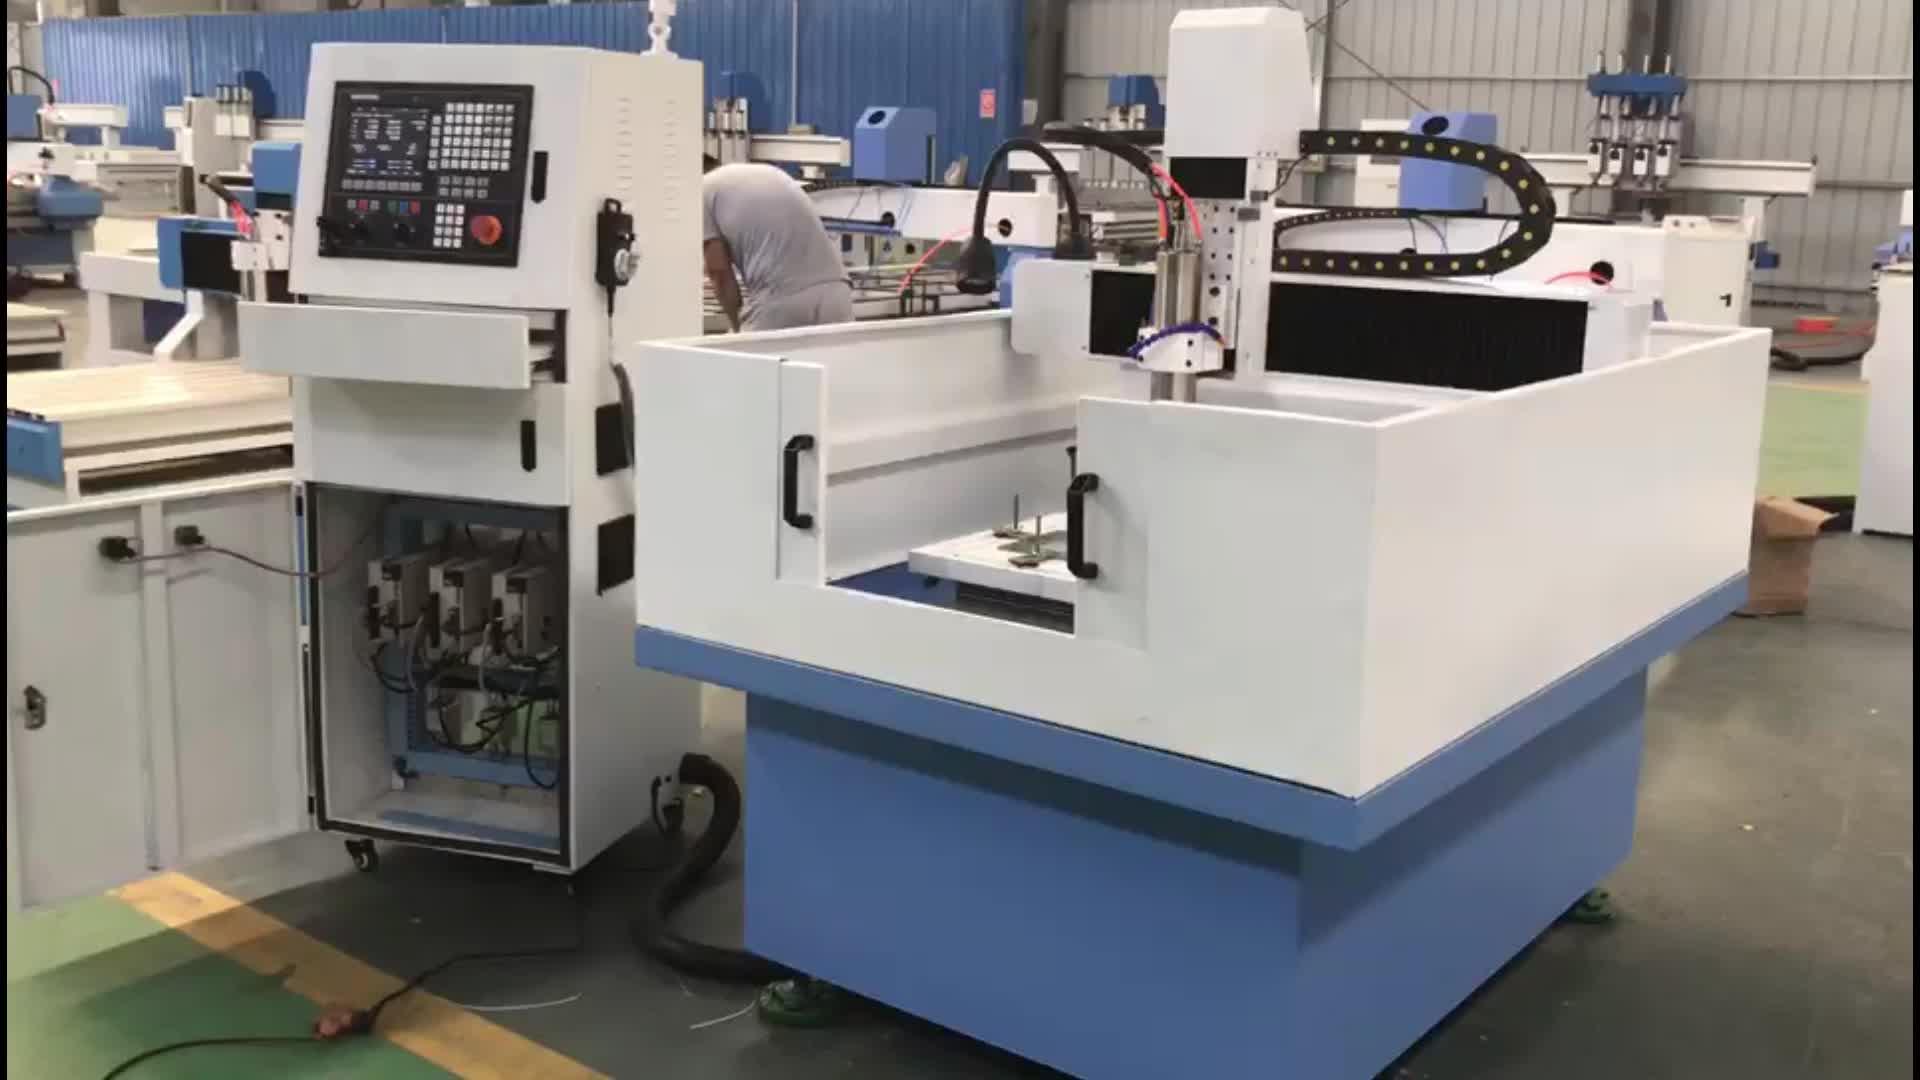 VRW-6090 Metal Fiação de Perfuração de Moagem Fresadora CNC para o Metal